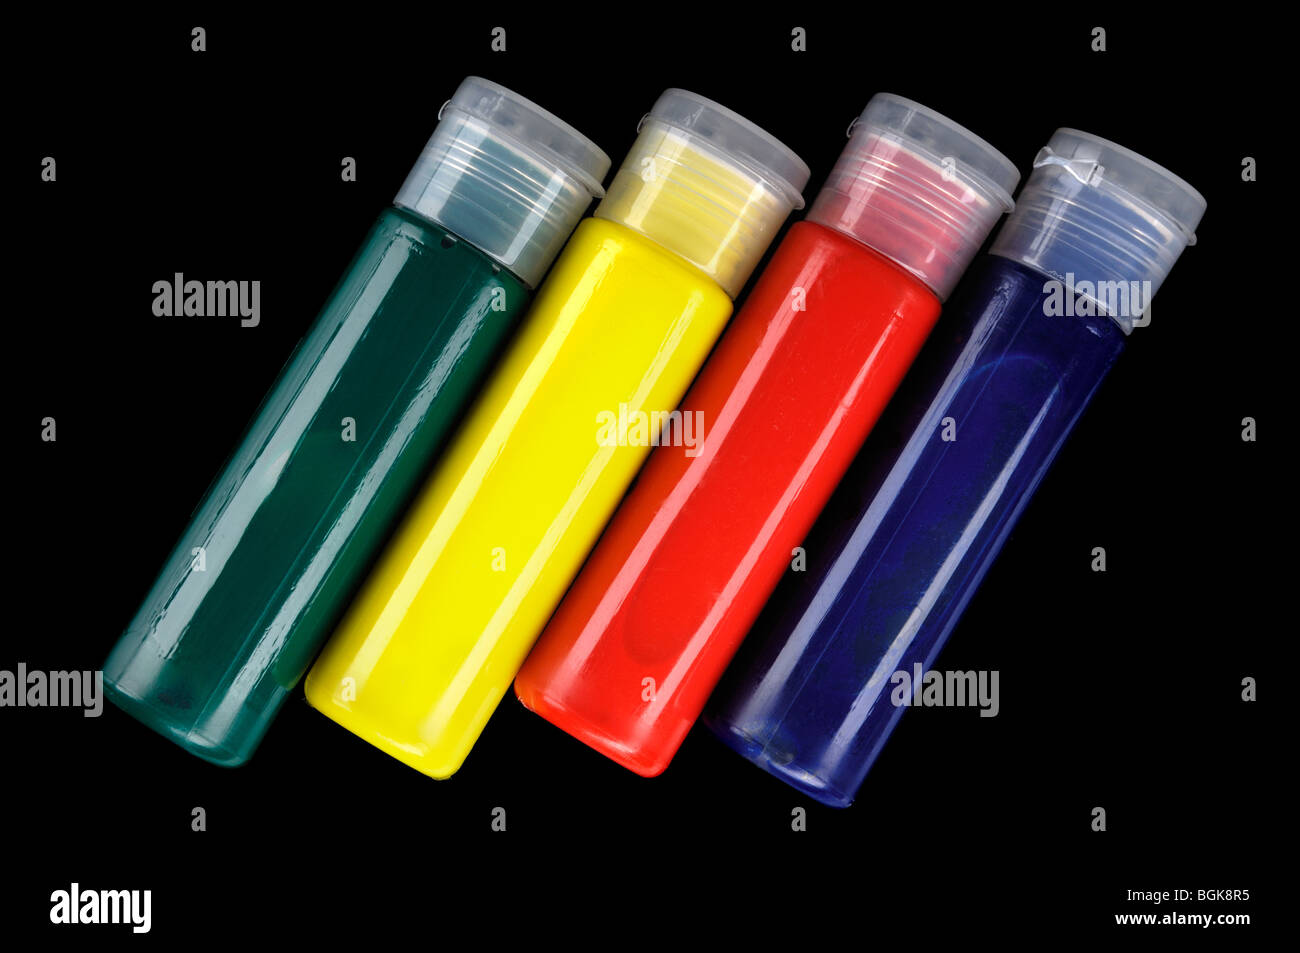 Tubi colorati di vernice faccia isolati su sfondo nero Immagini Stock